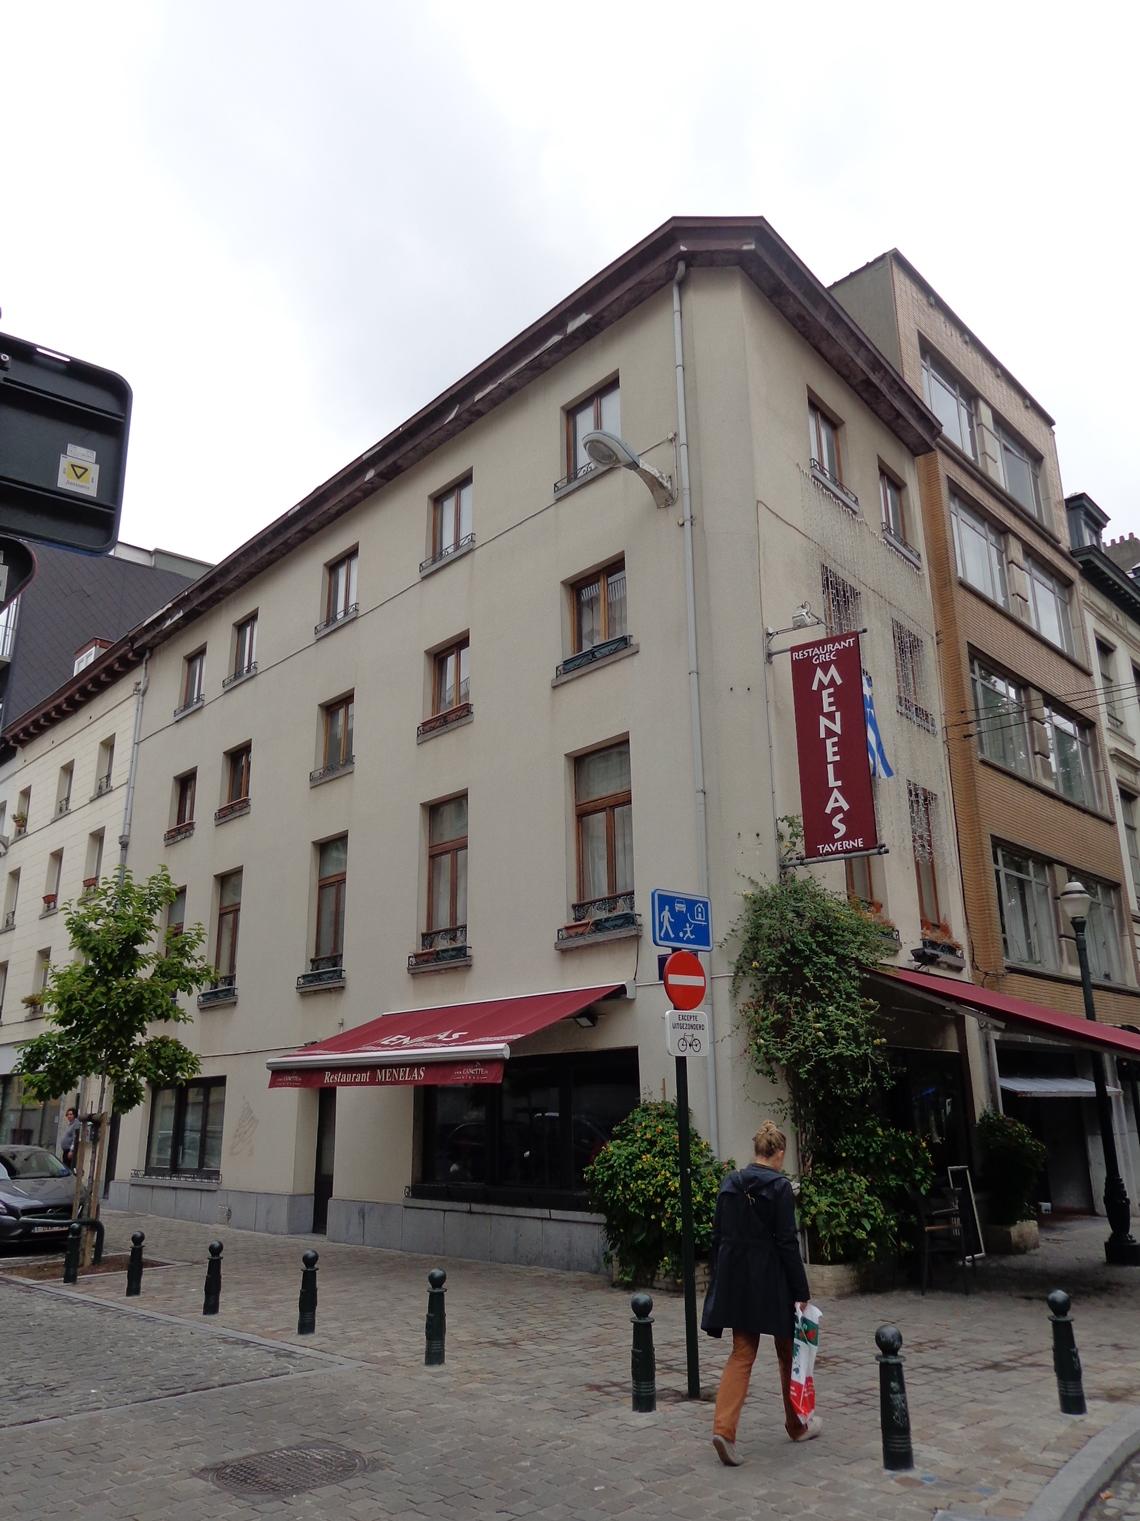 Rue de la Braie 1-3, 2015